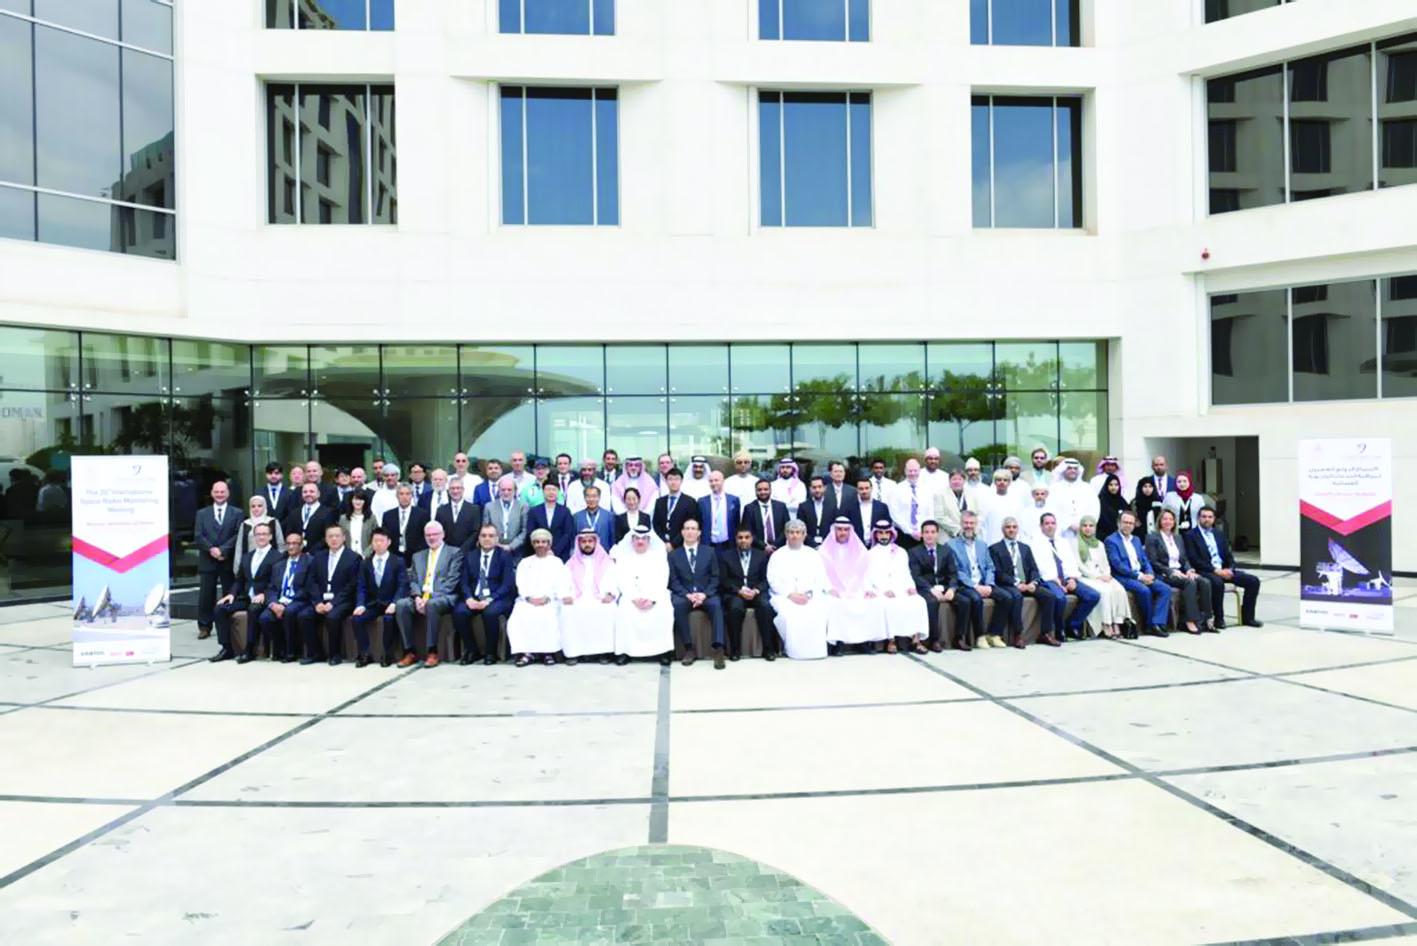 لمراقبة الخدمات الراديوية الفضائية Ooredoo ترعى الاجتماع الدولي العشرين